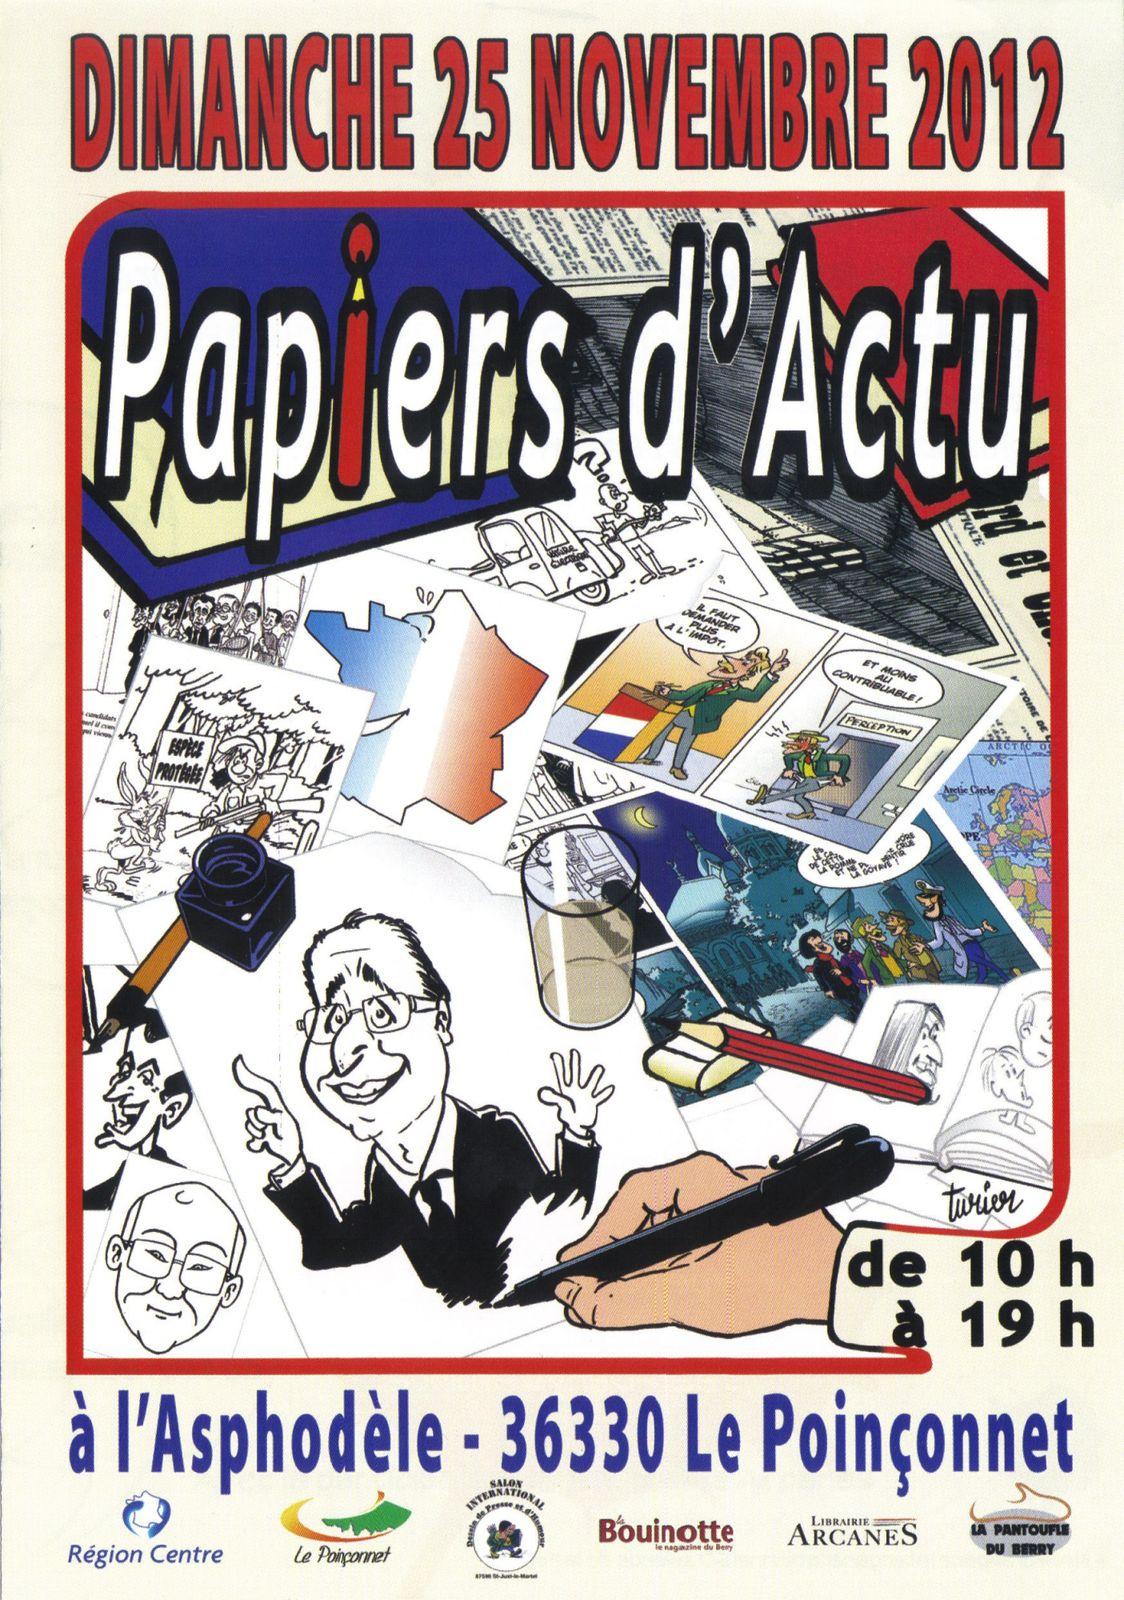 affiche Le Poinçonnet 2012